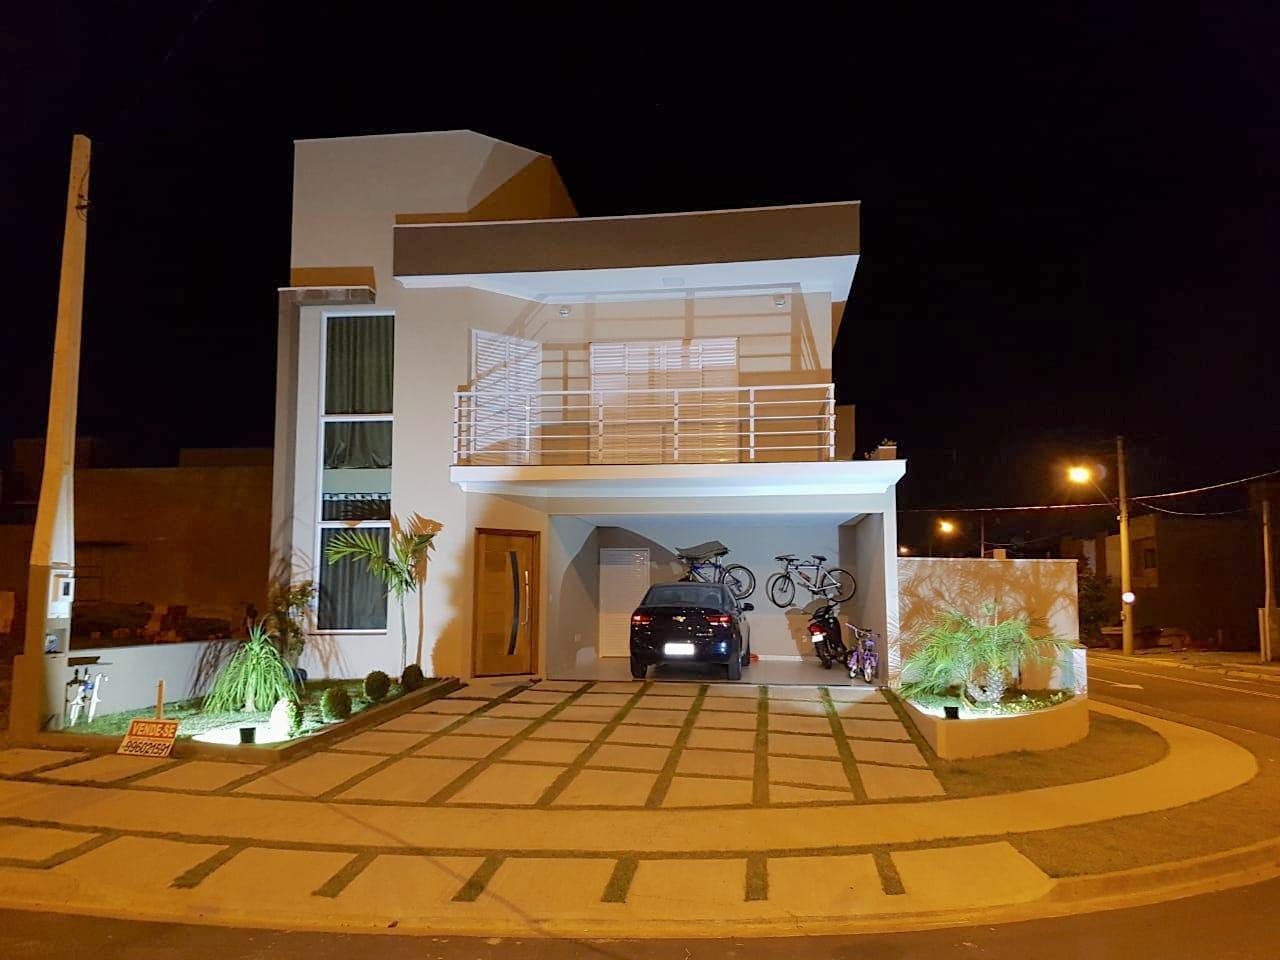 Sobrado de 182m2 com 3 dormitórios e 1 suíte com closet - Jardim Park Real - Indaiatuba/SP